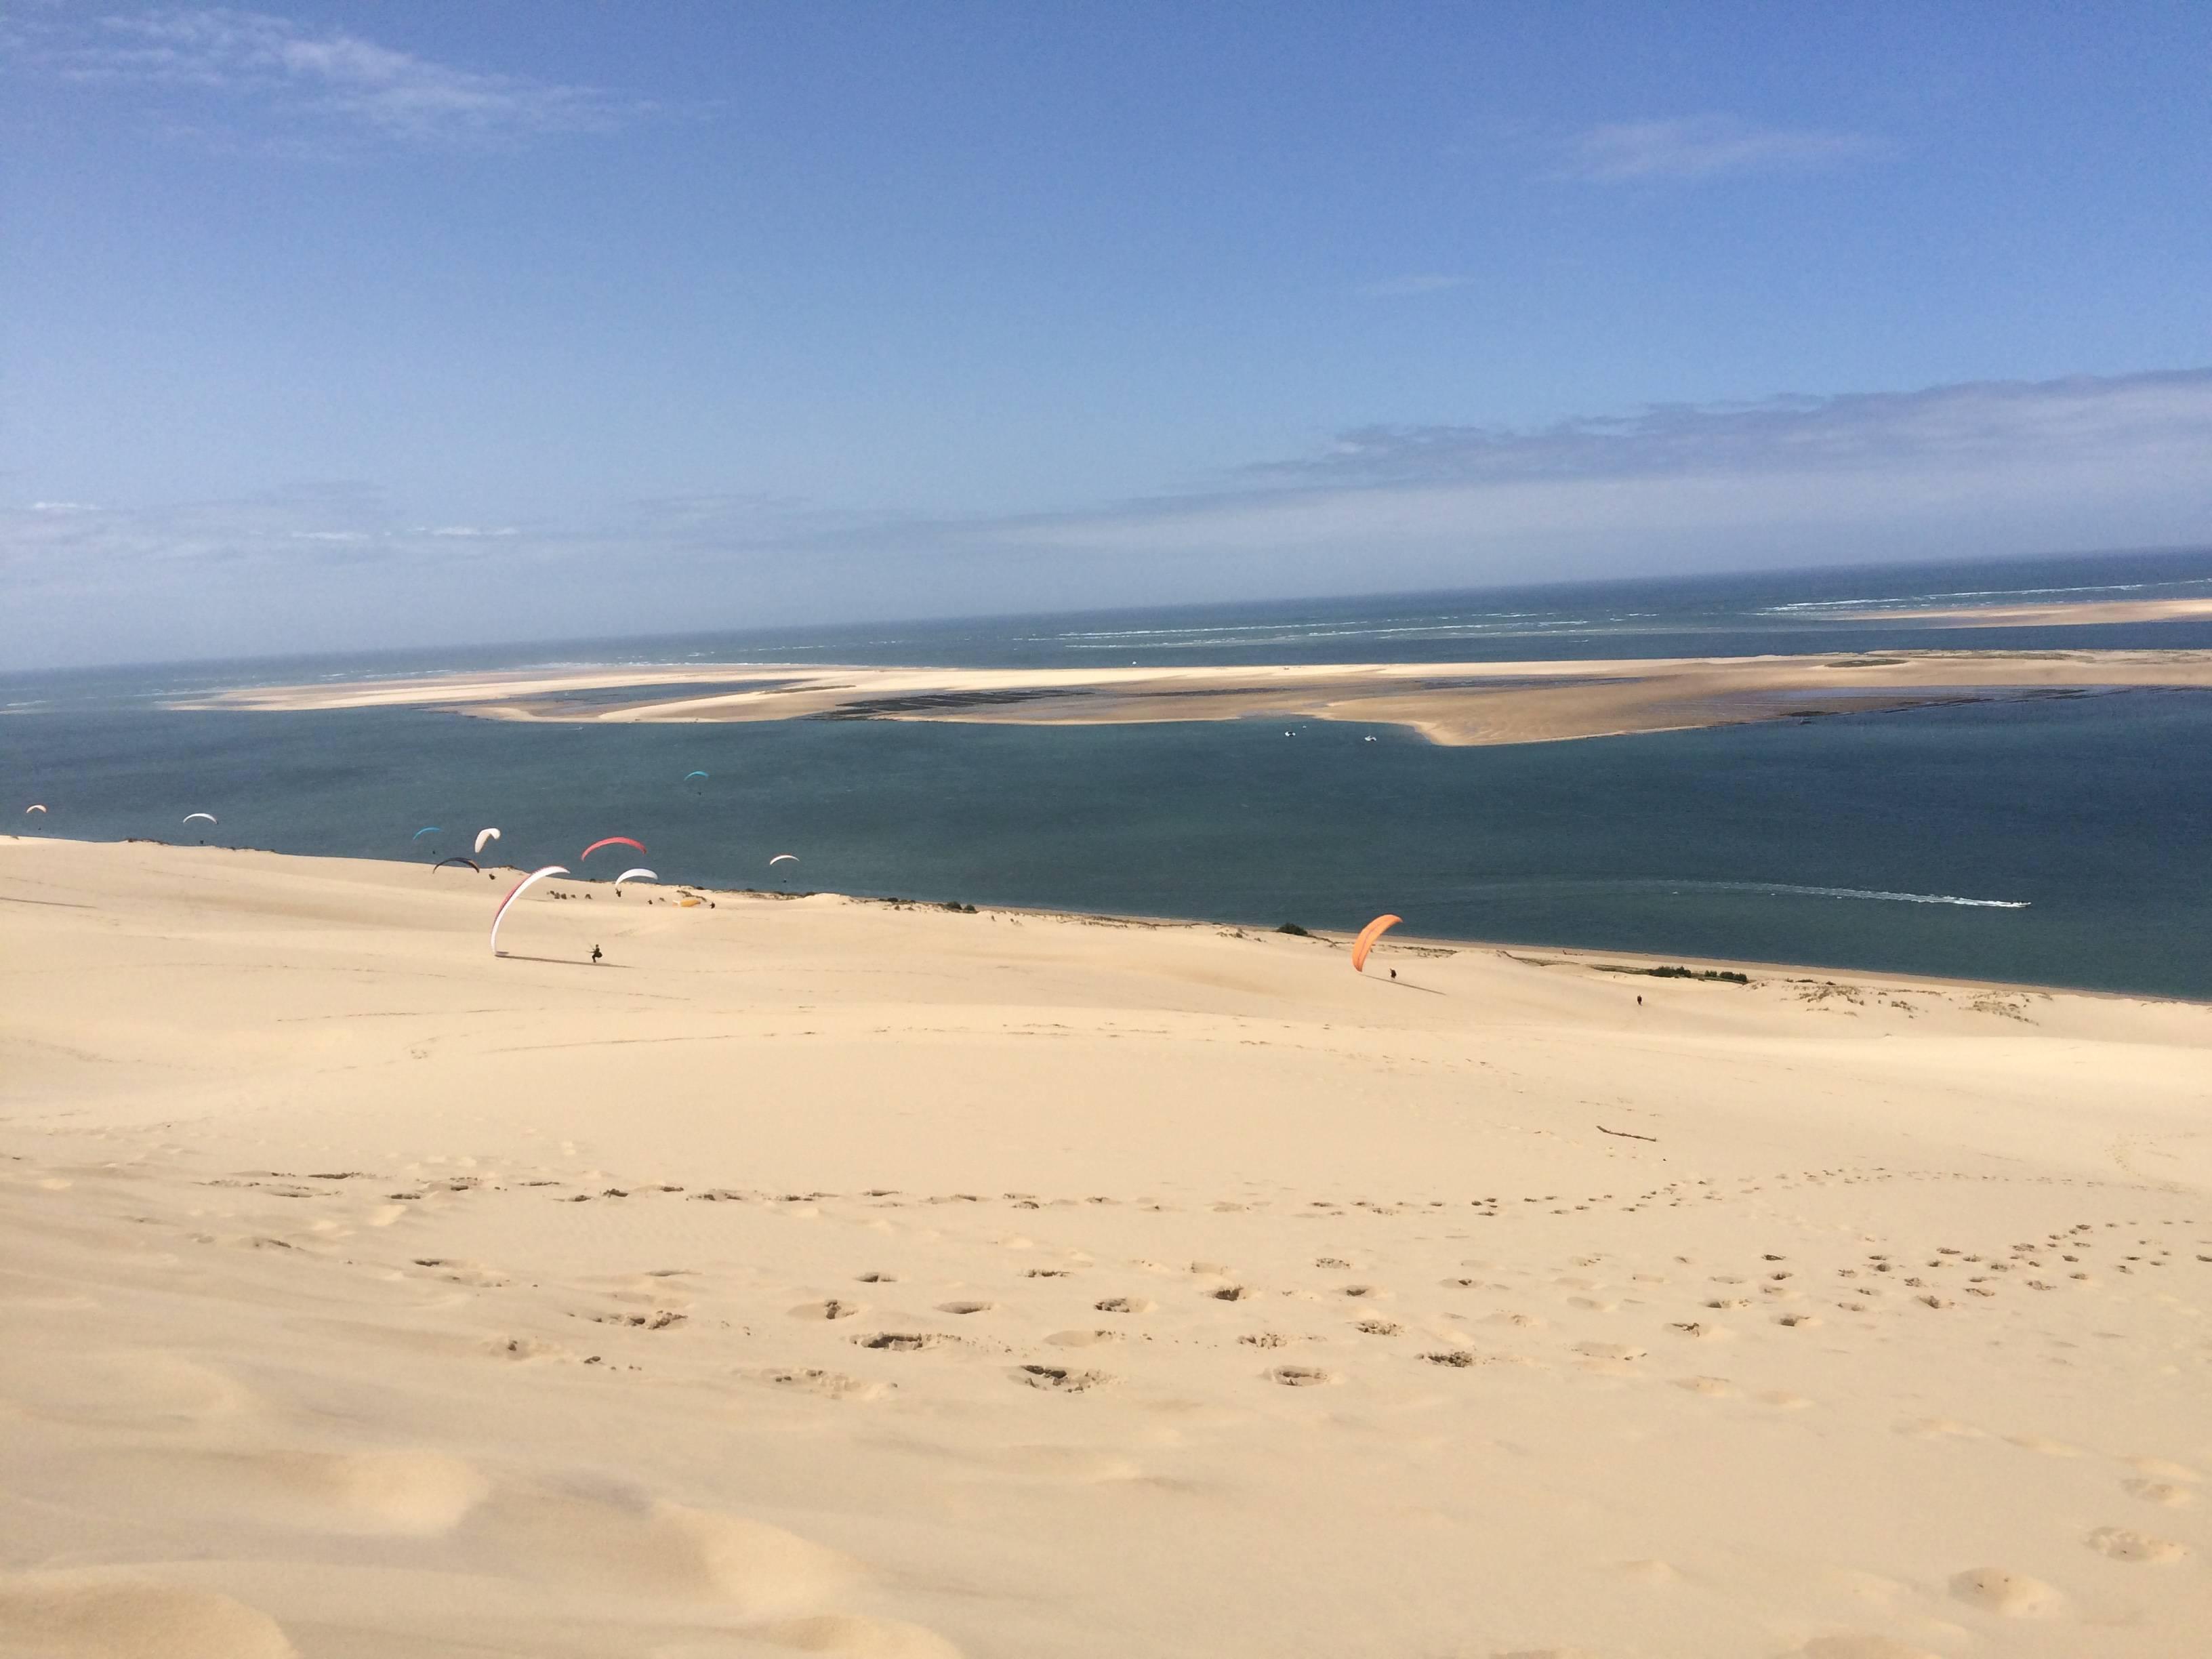 Photo 3: Entre Terre et Mer, sur la plus grande dune..